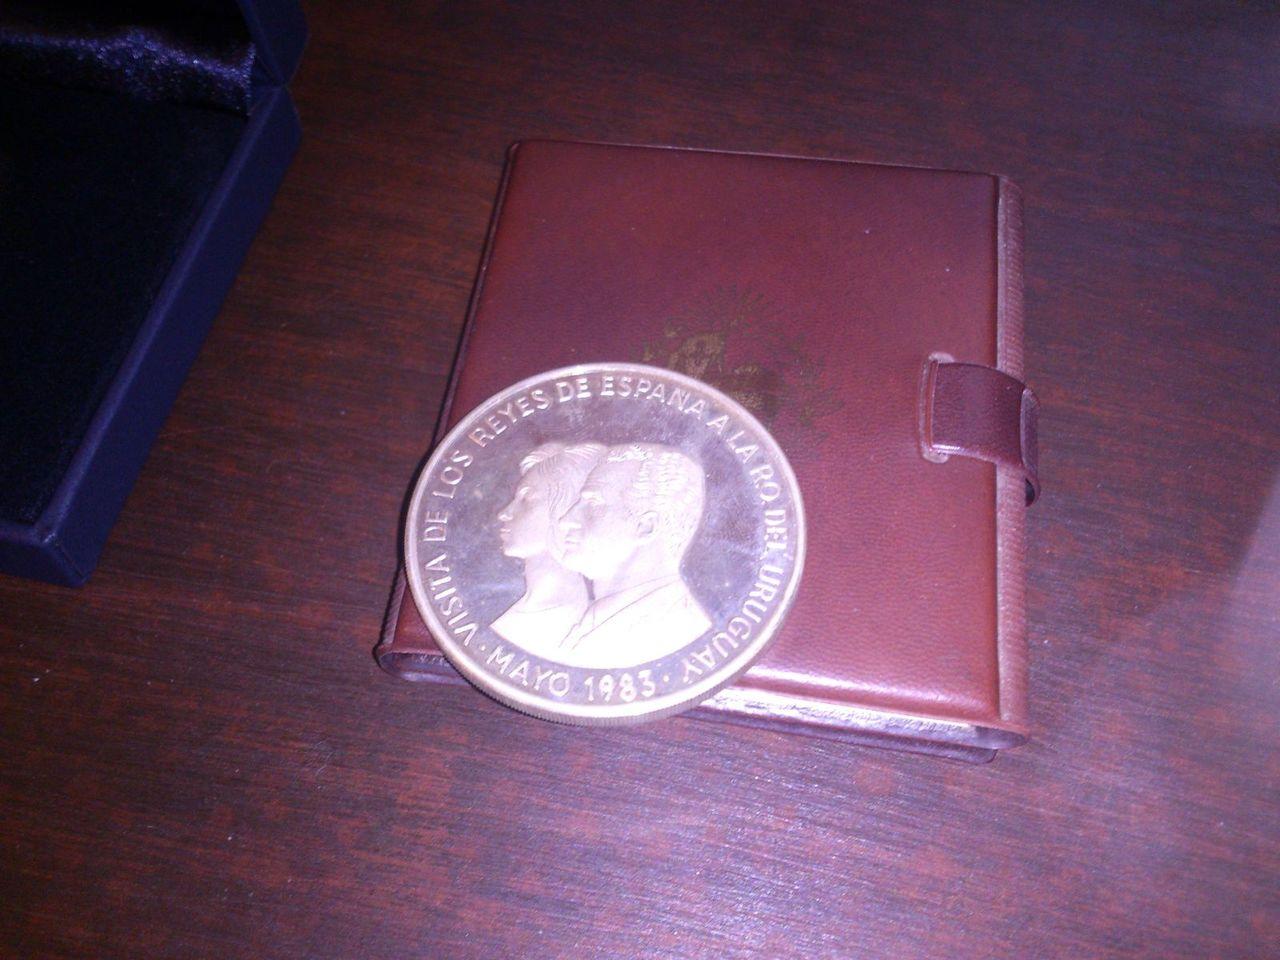 Monedas conmemorativas de Uruguay acuñadas en plata 1961 - Presente. - Página 2 DSC_8966